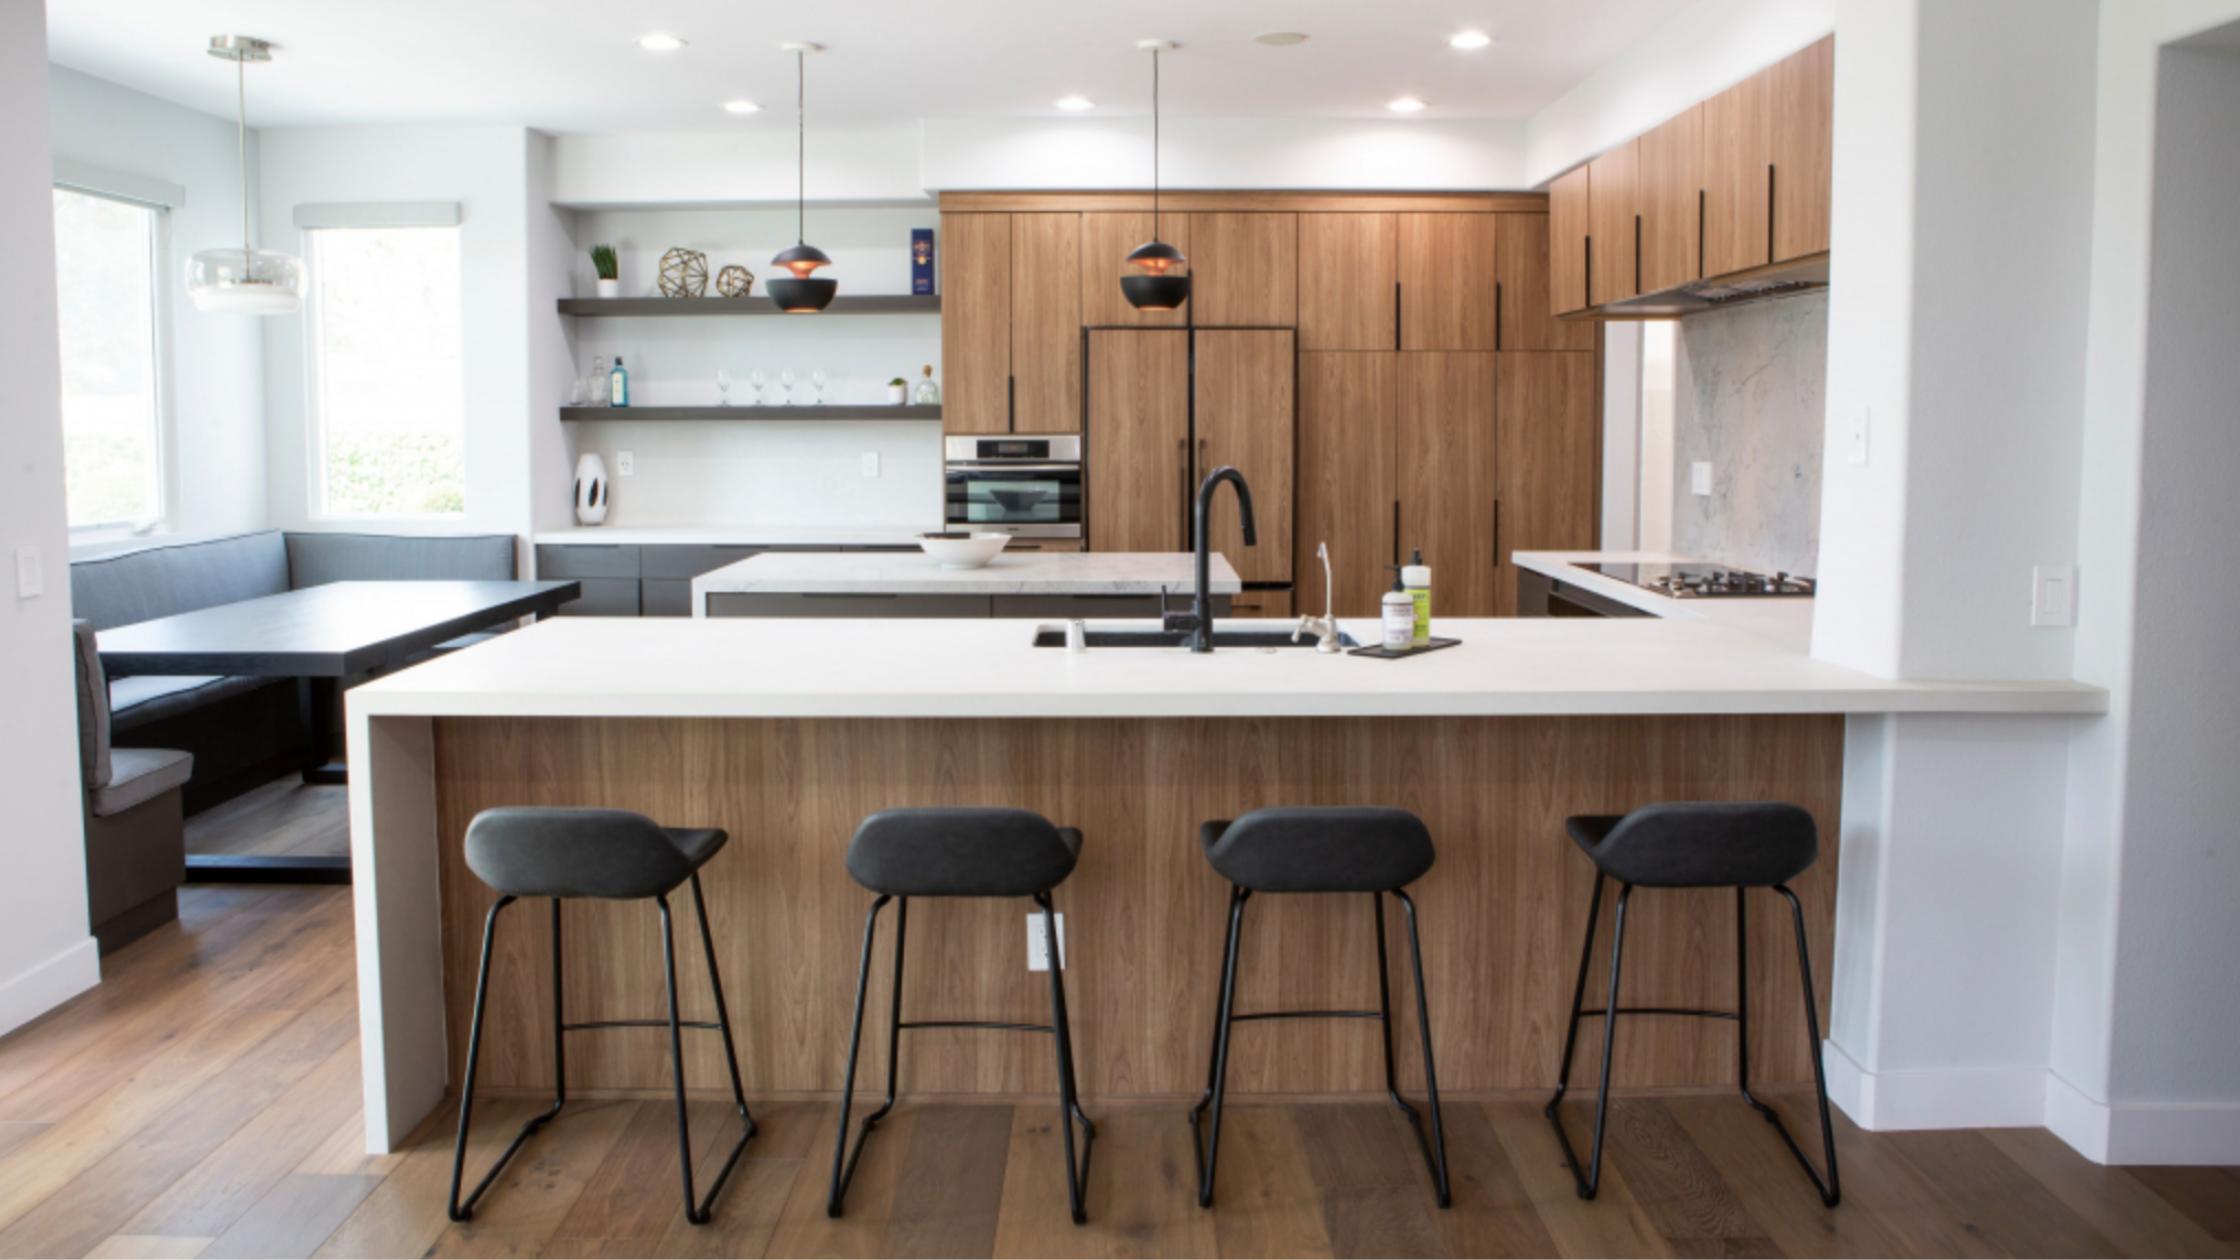 interior designer in Long Beach